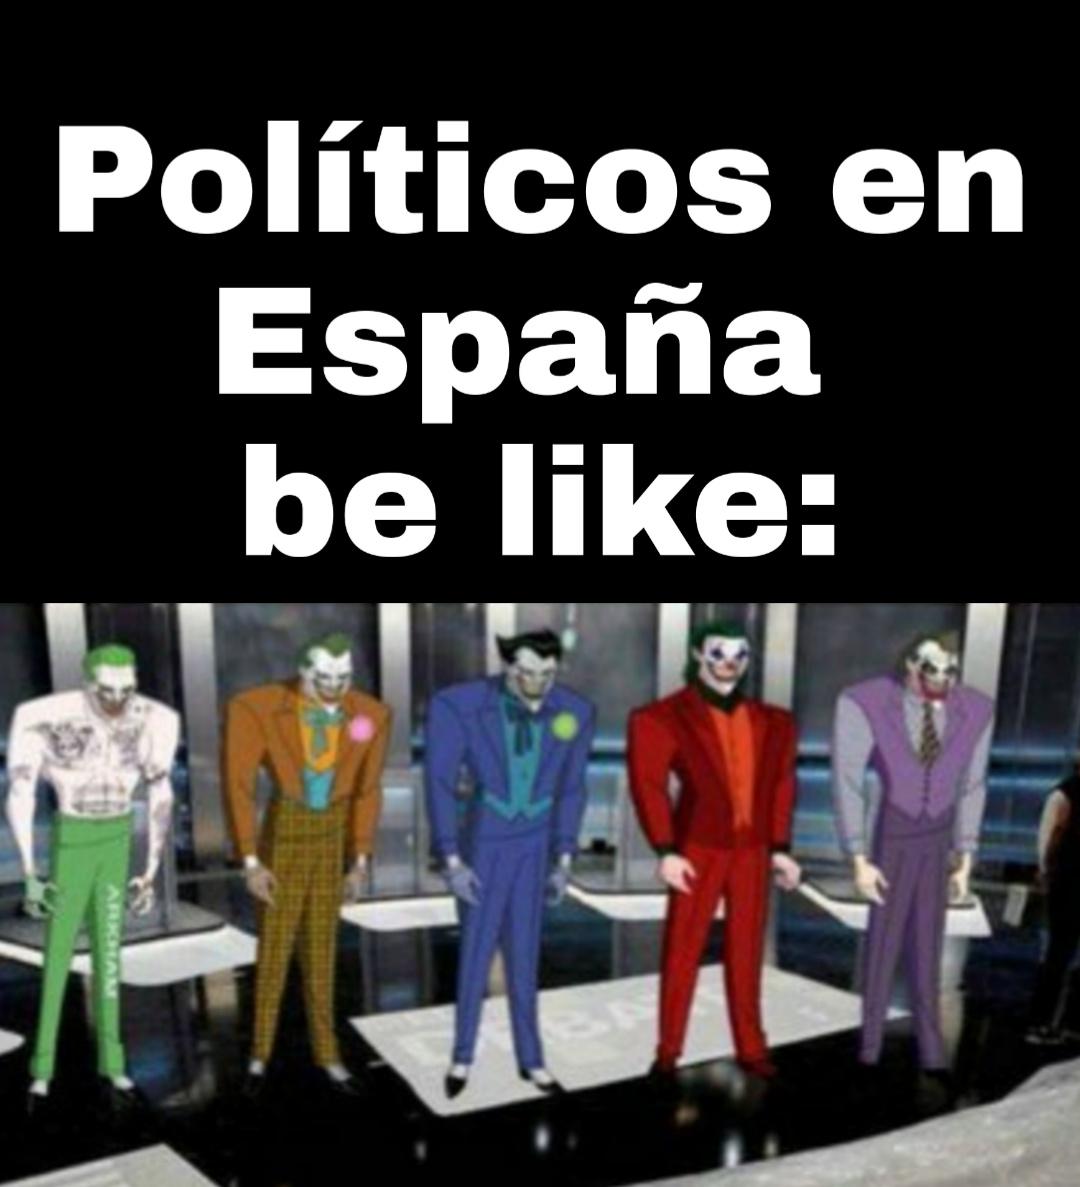 Políticos putos - meme